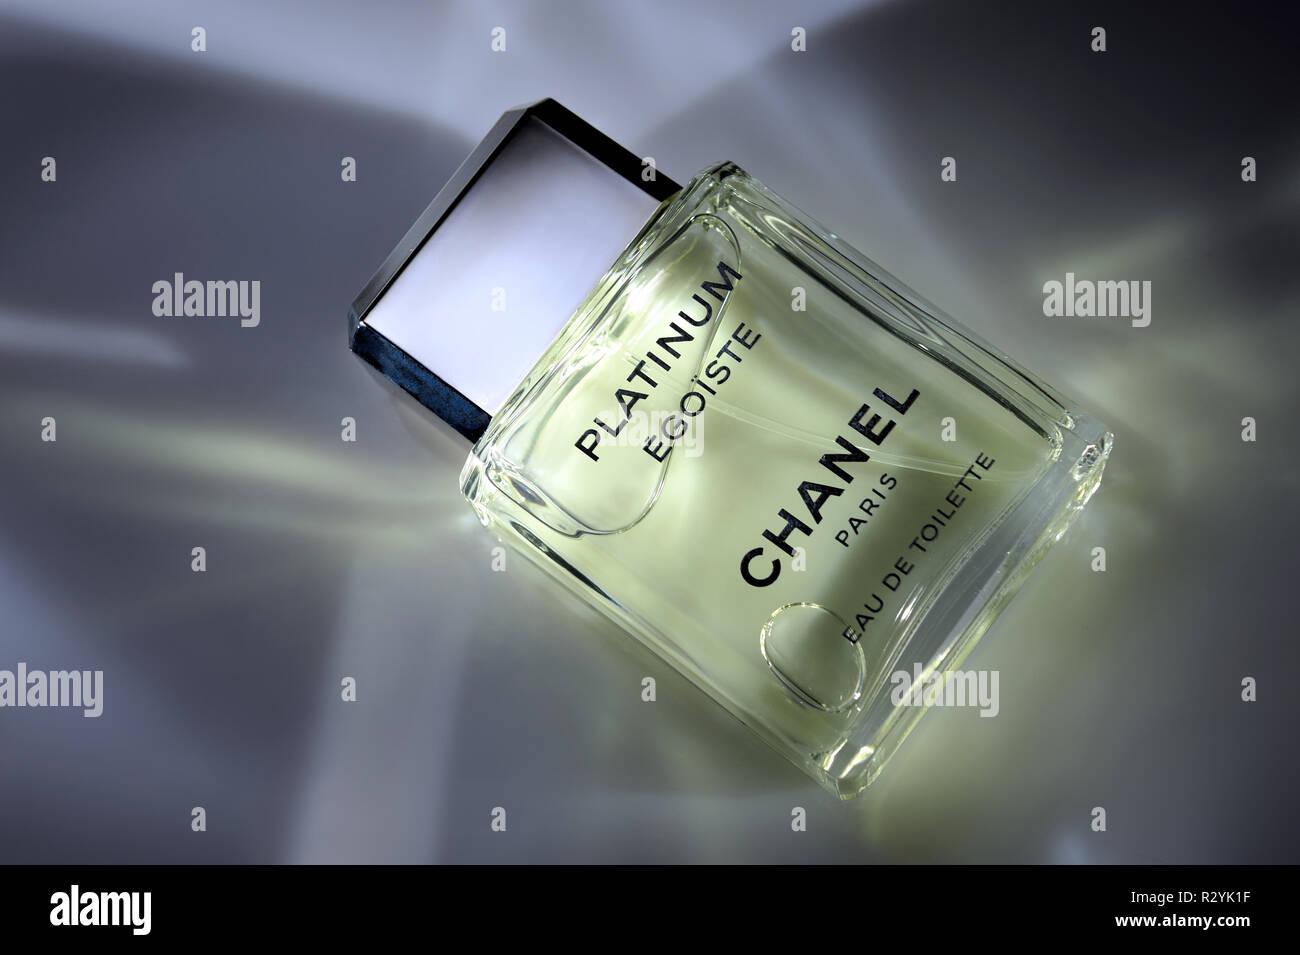 Chanel egoiste platinum bewertung